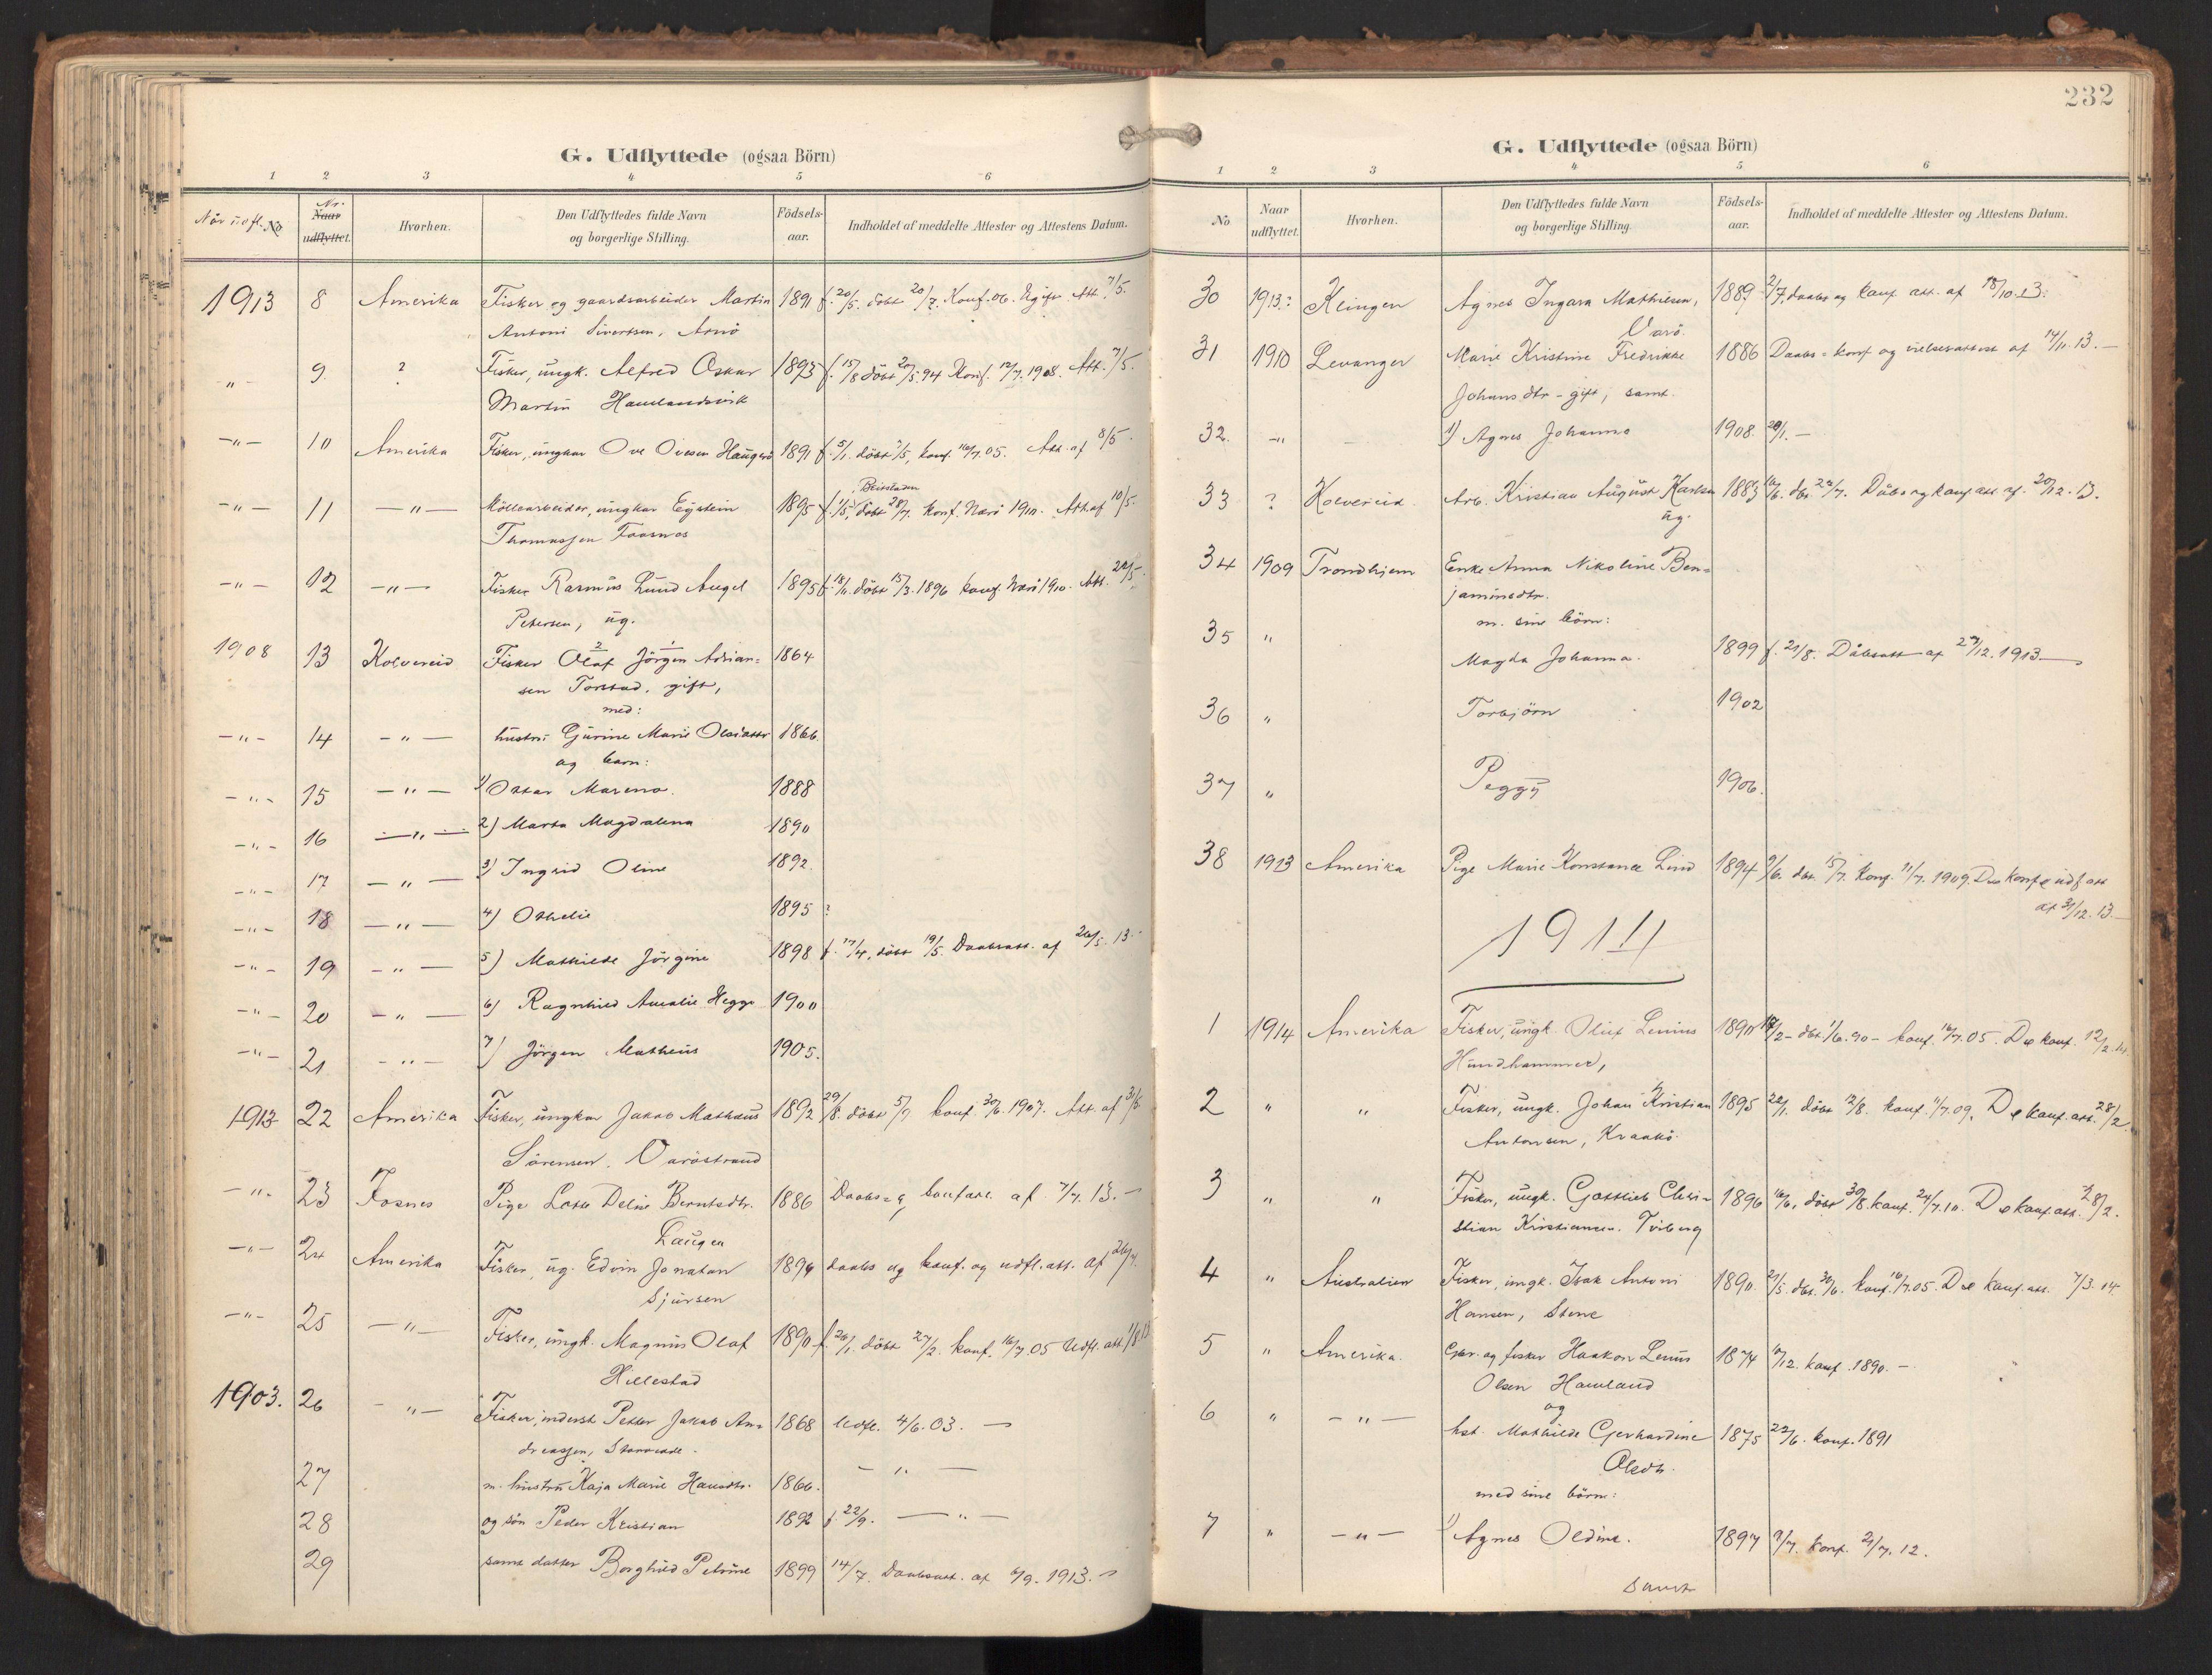 SAT, Ministerialprotokoller, klokkerbøker og fødselsregistre - Nord-Trøndelag, 784/L0677: Ministerialbok nr. 784A12, 1900-1920, s. 232